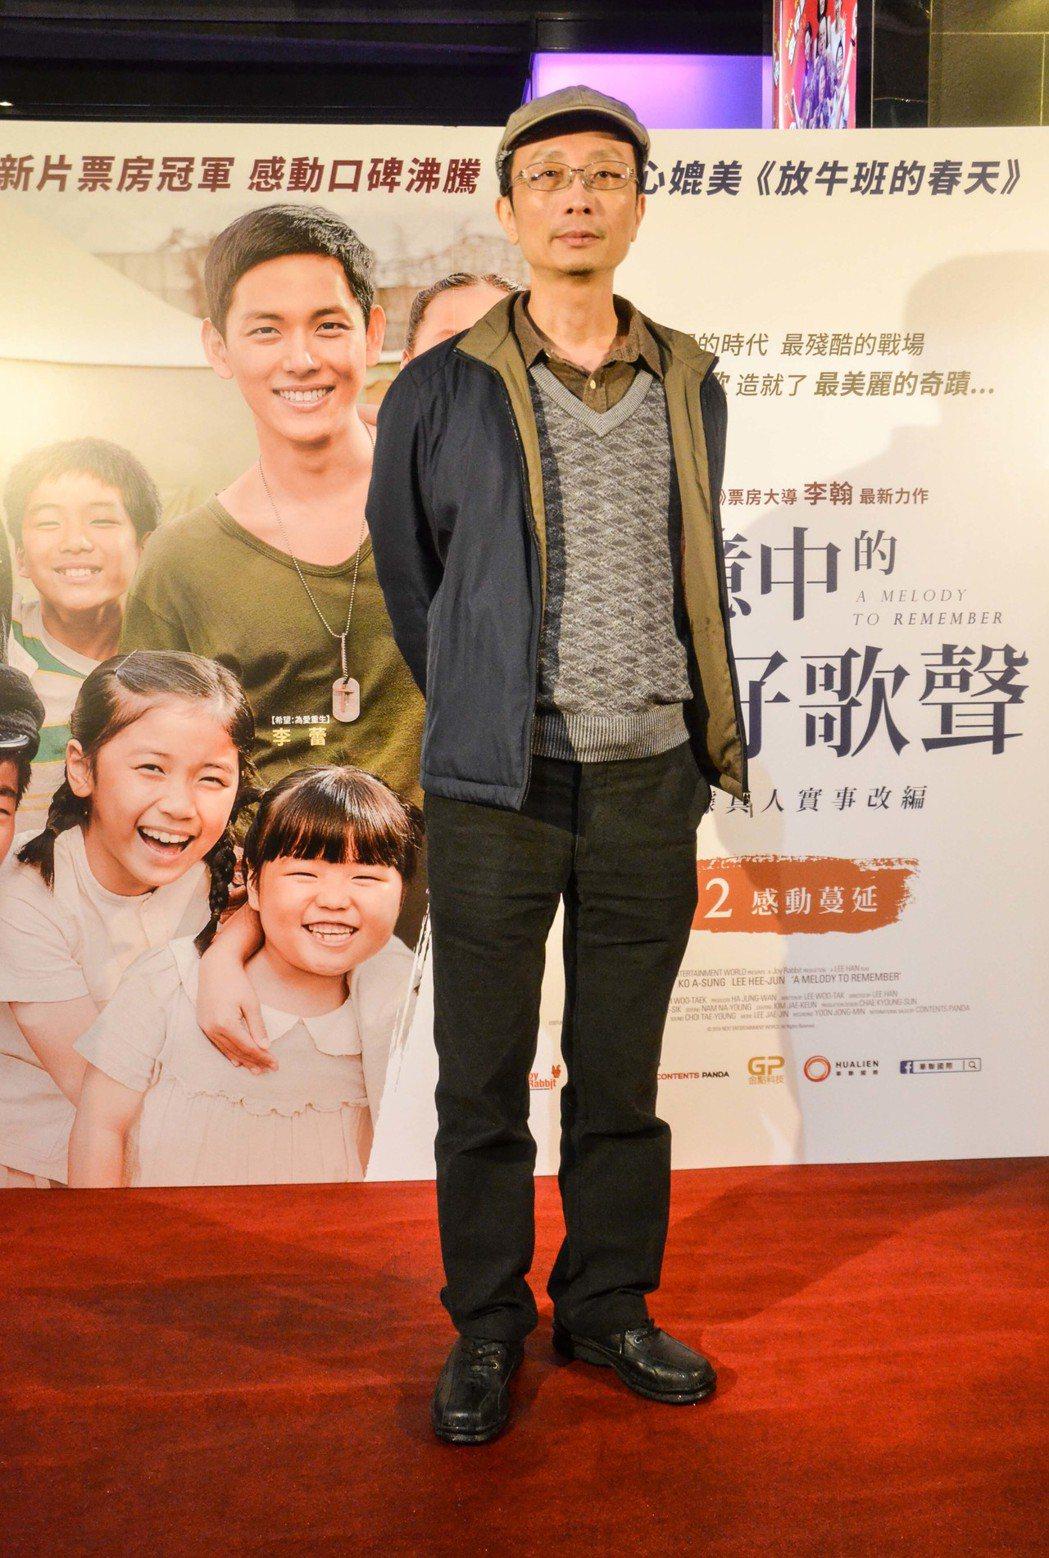 「白蟻-慾望謎網」導演朱賢哲。圖/華聯提供